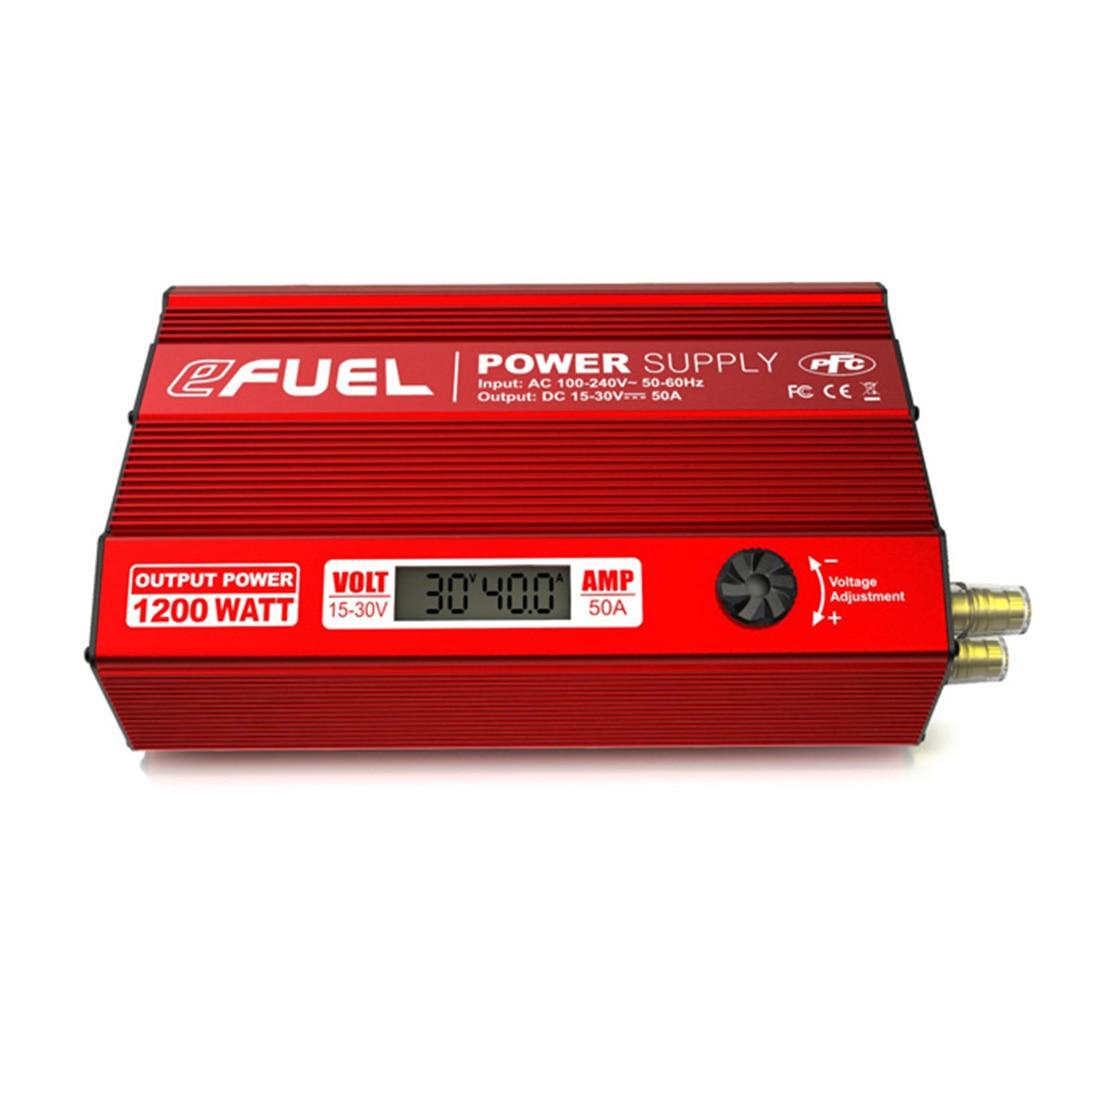 Adaptador de fuente de alimentación regulada CC SKYRC EFUEL 1200W 50A para cargador ISDT T8 icharger X6 308 4010